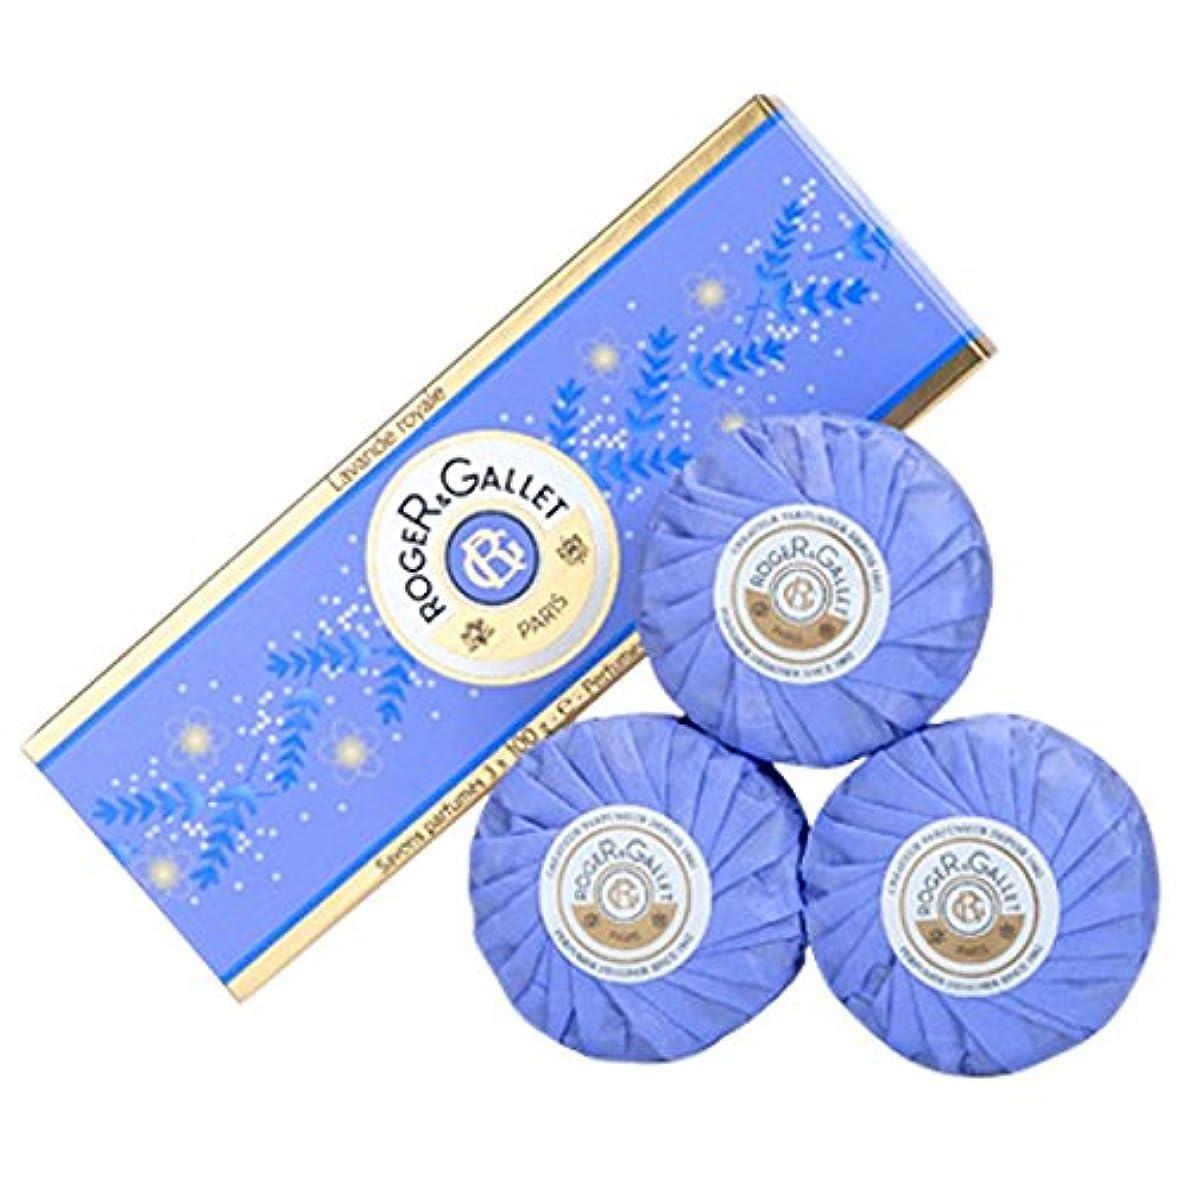 偽善思慮のないお嬢ロジャー&Galletのラバンデロワイヤルソープコフレ3つのX 100グラム (Roger & Gallet) - Roger & Gallet Lavande Royale Soap Coffret 3 x 100g...